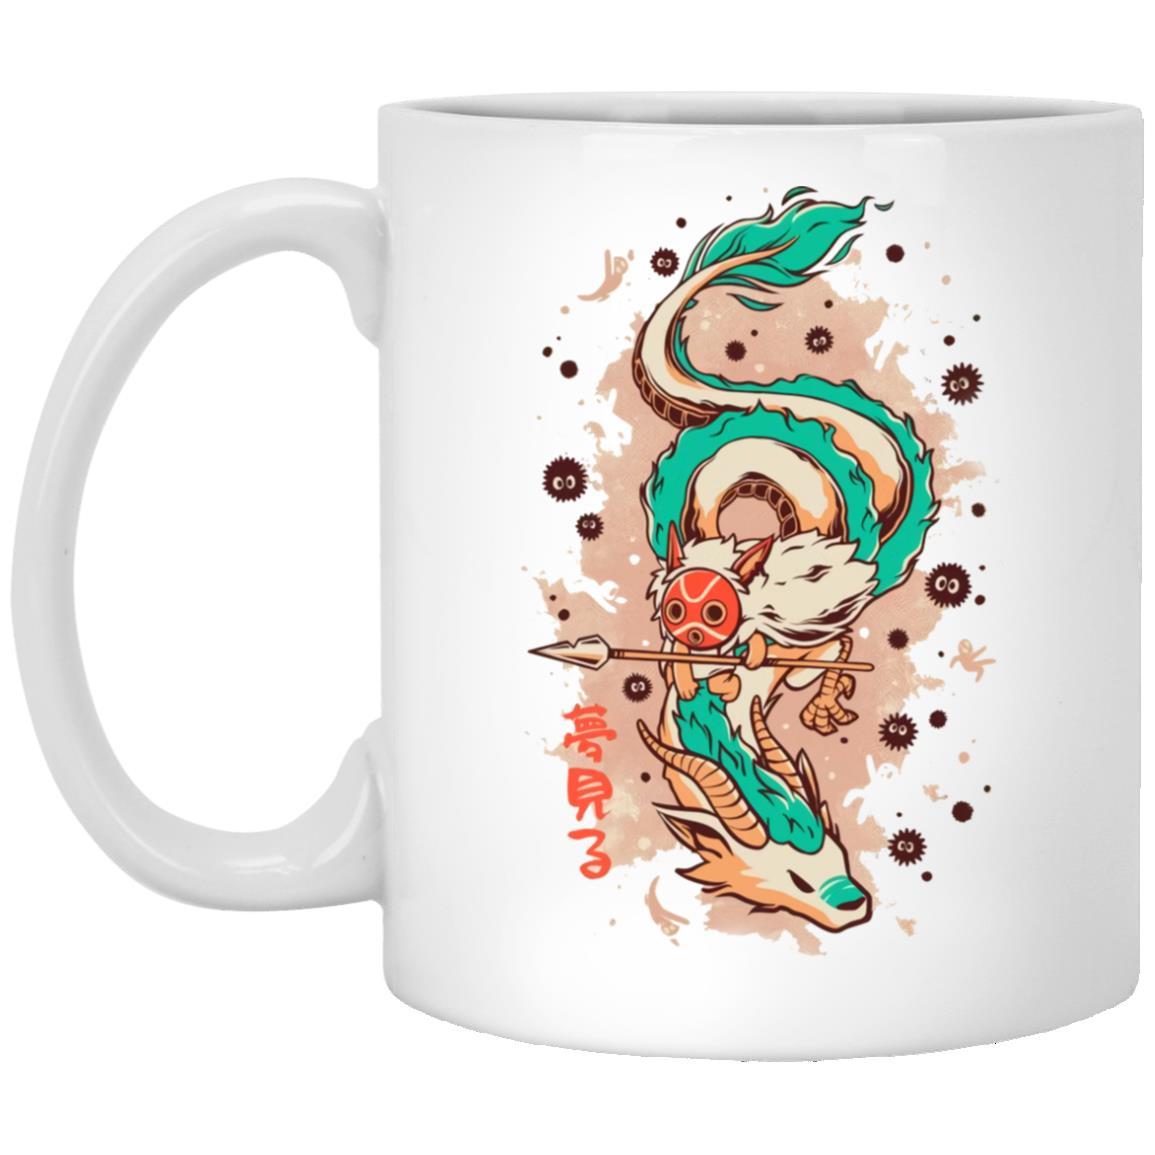 Princess Mononoke on the Dragon Mug